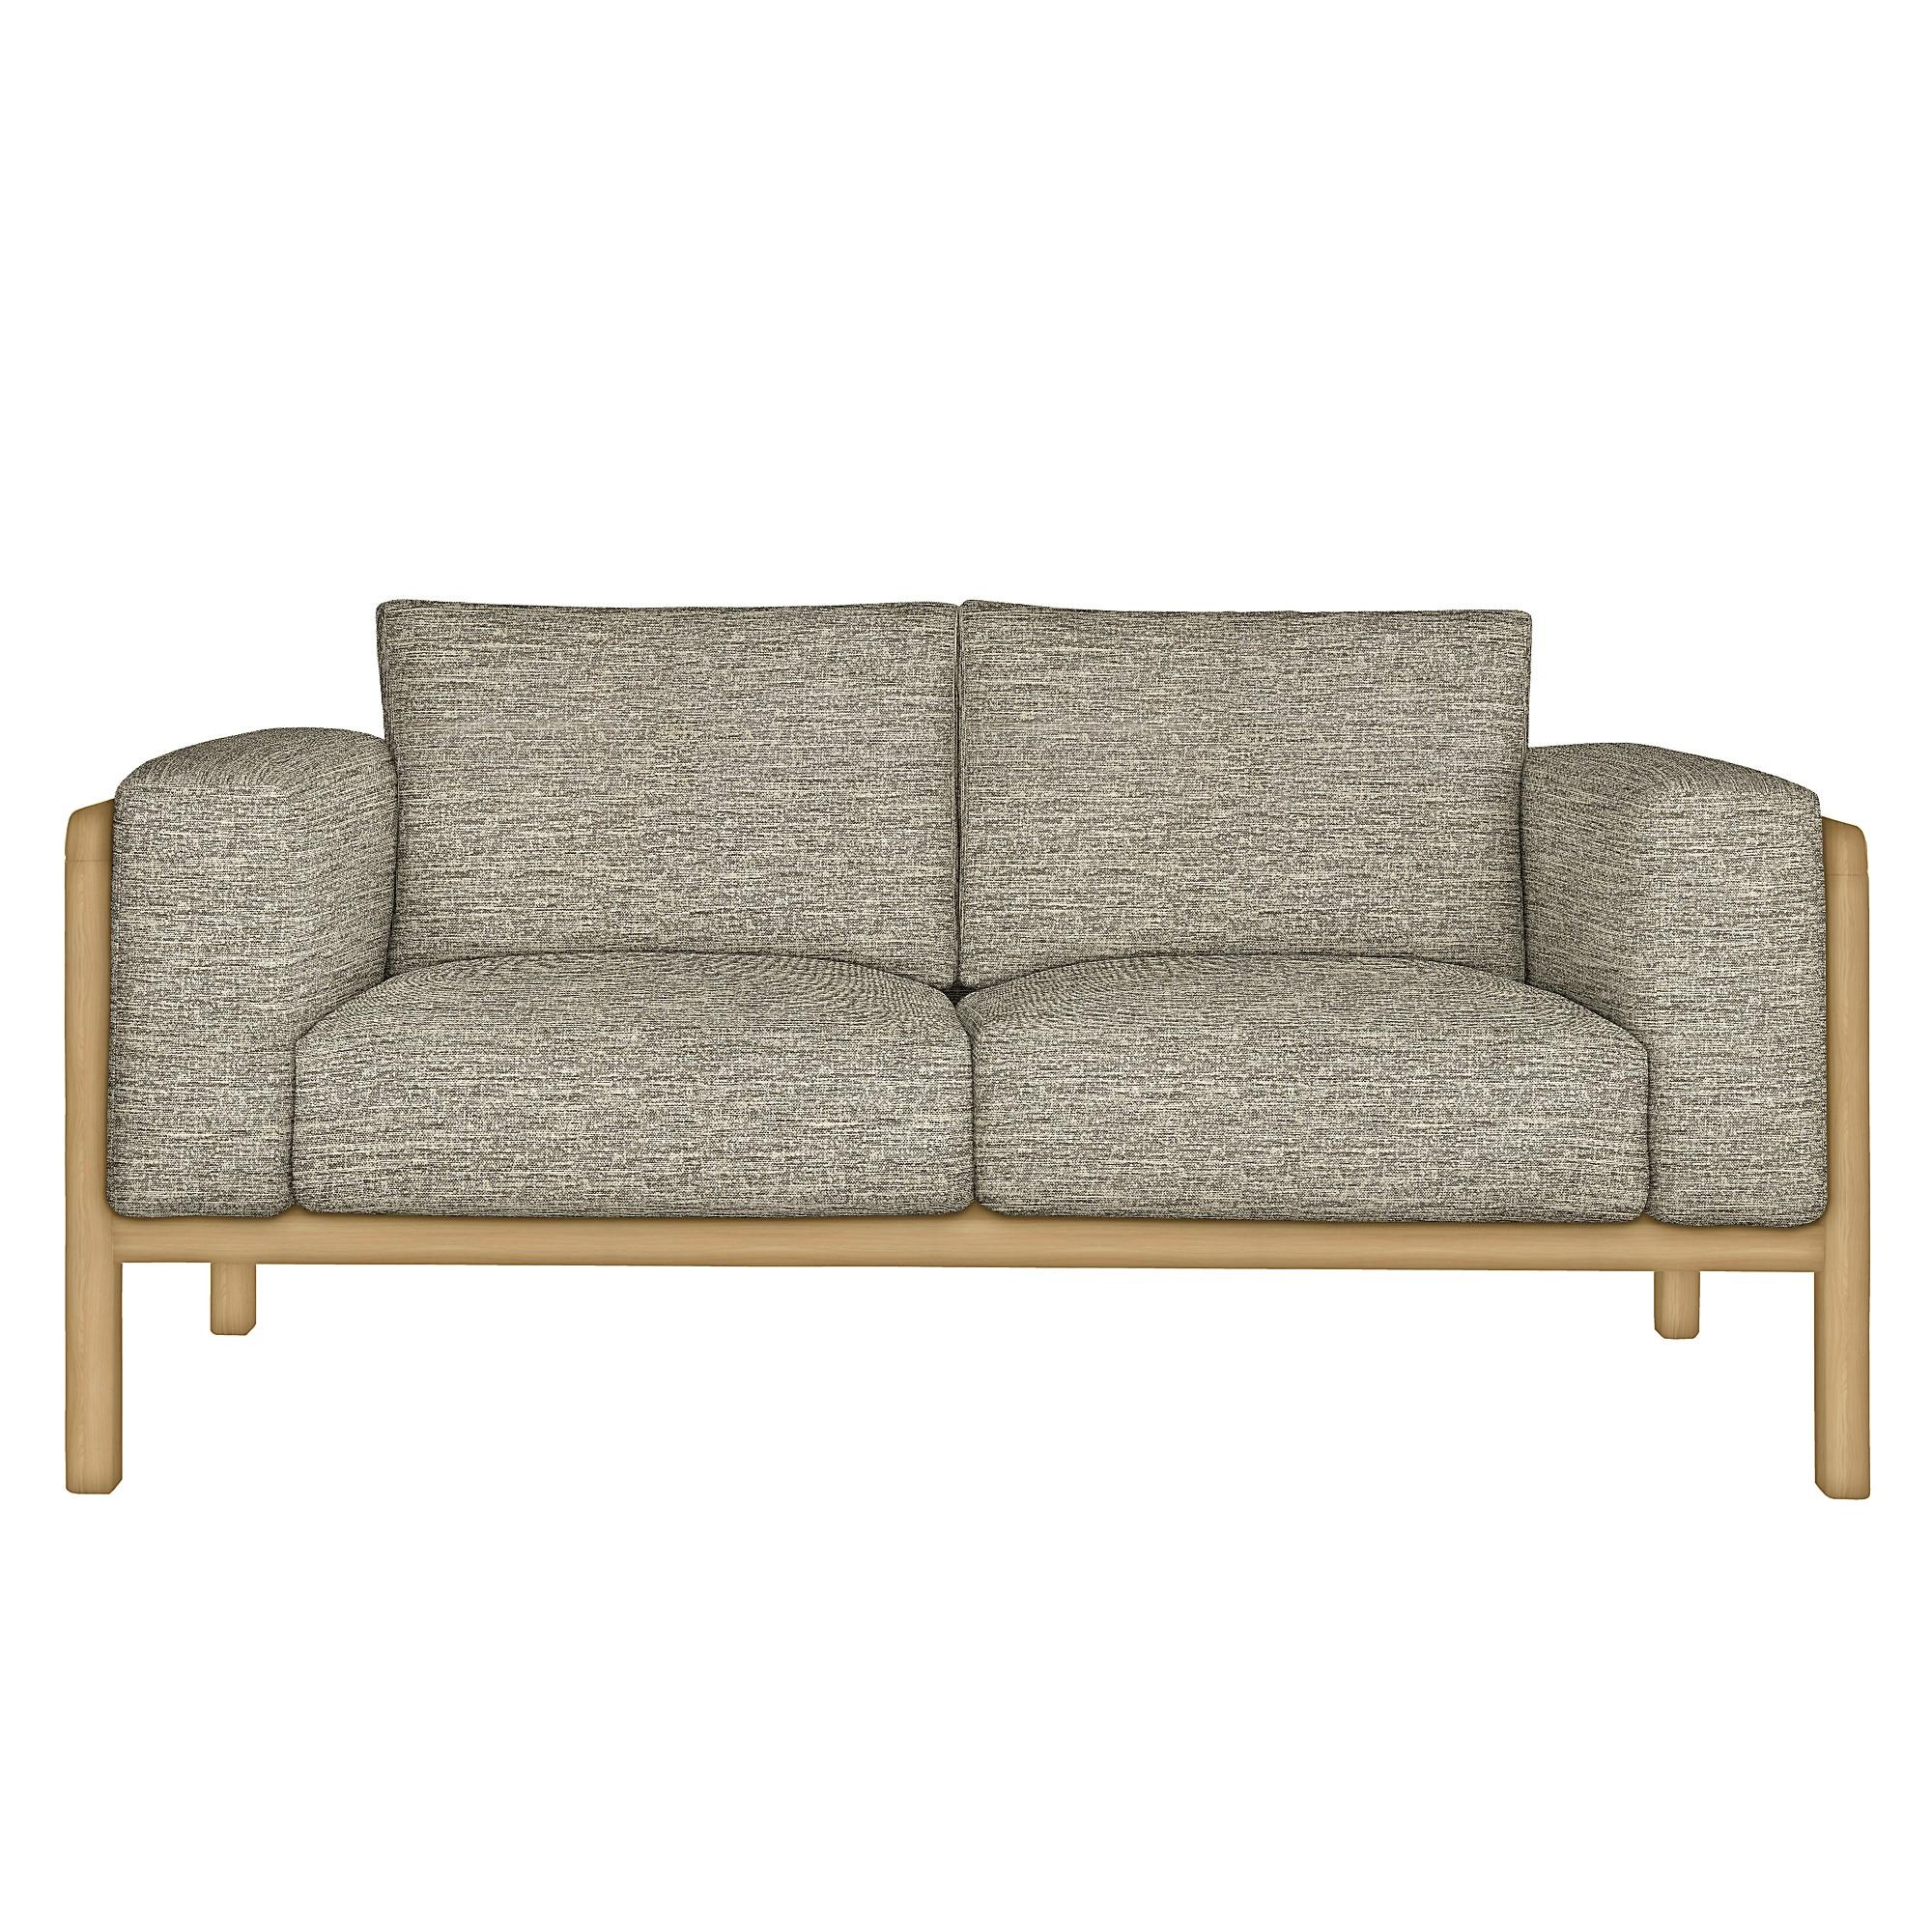 John Lewis Heming Medium Sofa